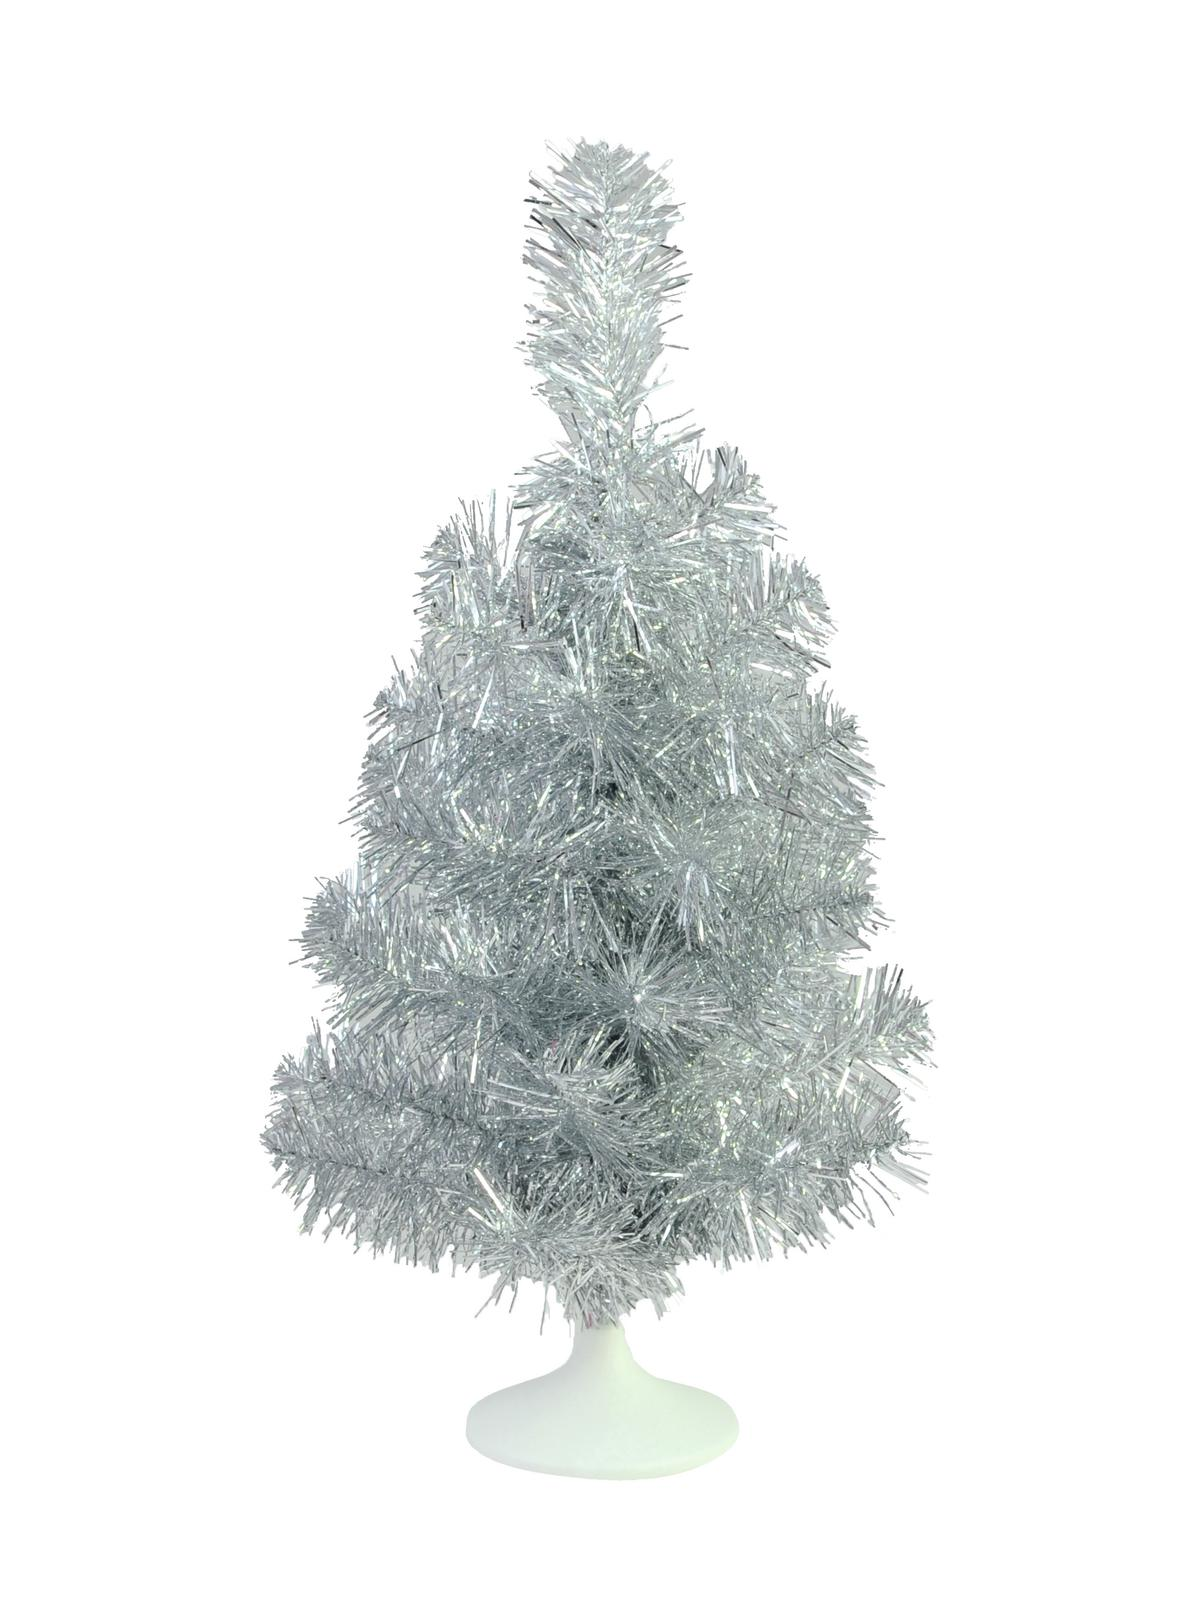 Umělý vánoční stromek stolní jedlička stříbrná, 45 cm